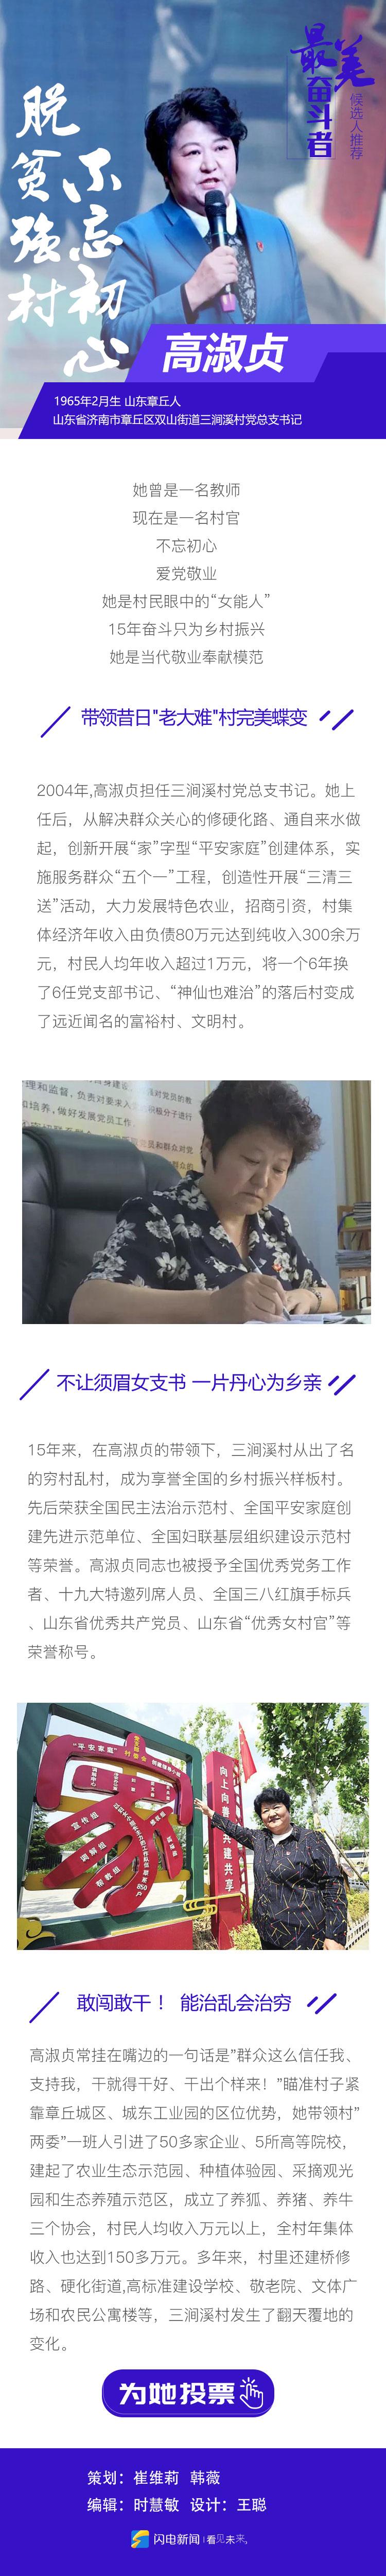 """为""""最美奋斗者""""山东候选人高淑贞投票"""